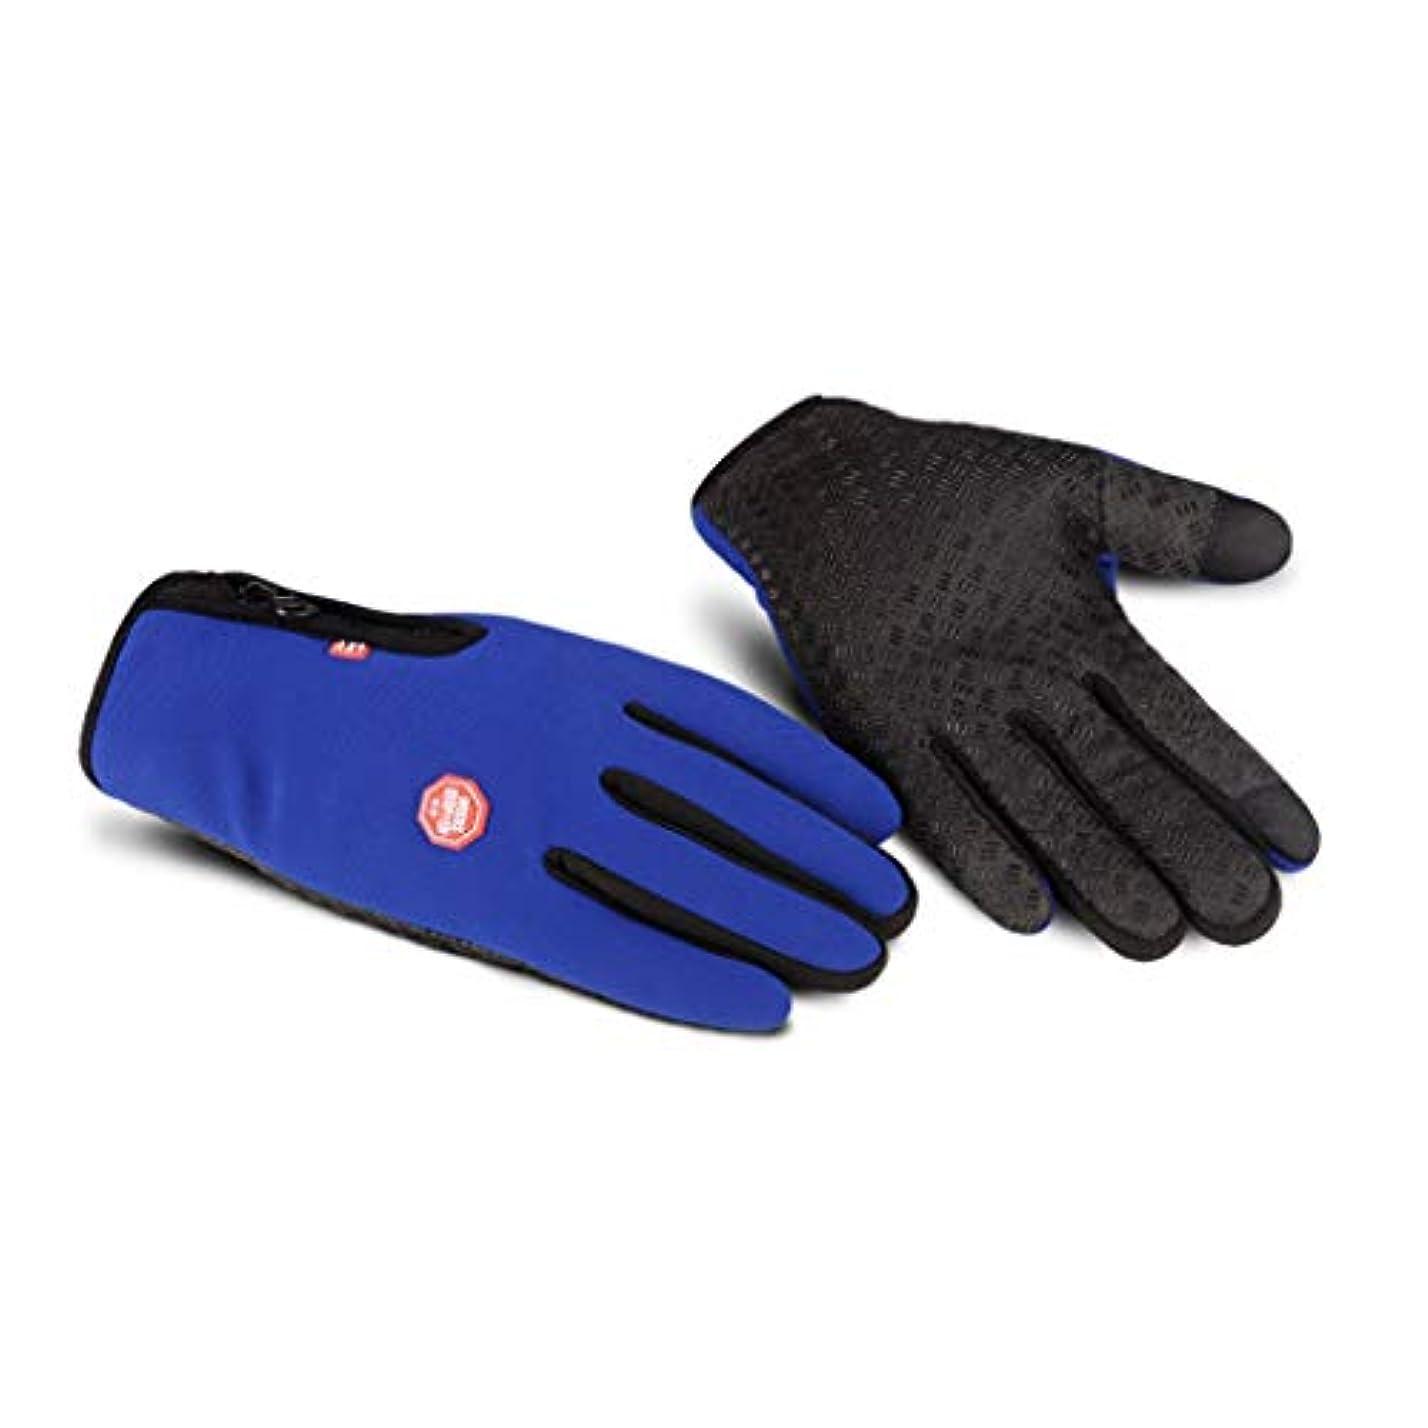 間違えた巧みな名門手袋の男性の秋と冬の自転車電動バイクの女性のタッチスクリーンはすべて防風ノンスリップ暖かい冬のコールドプラスベルベット弾性手袋を意味する (色 : 青)